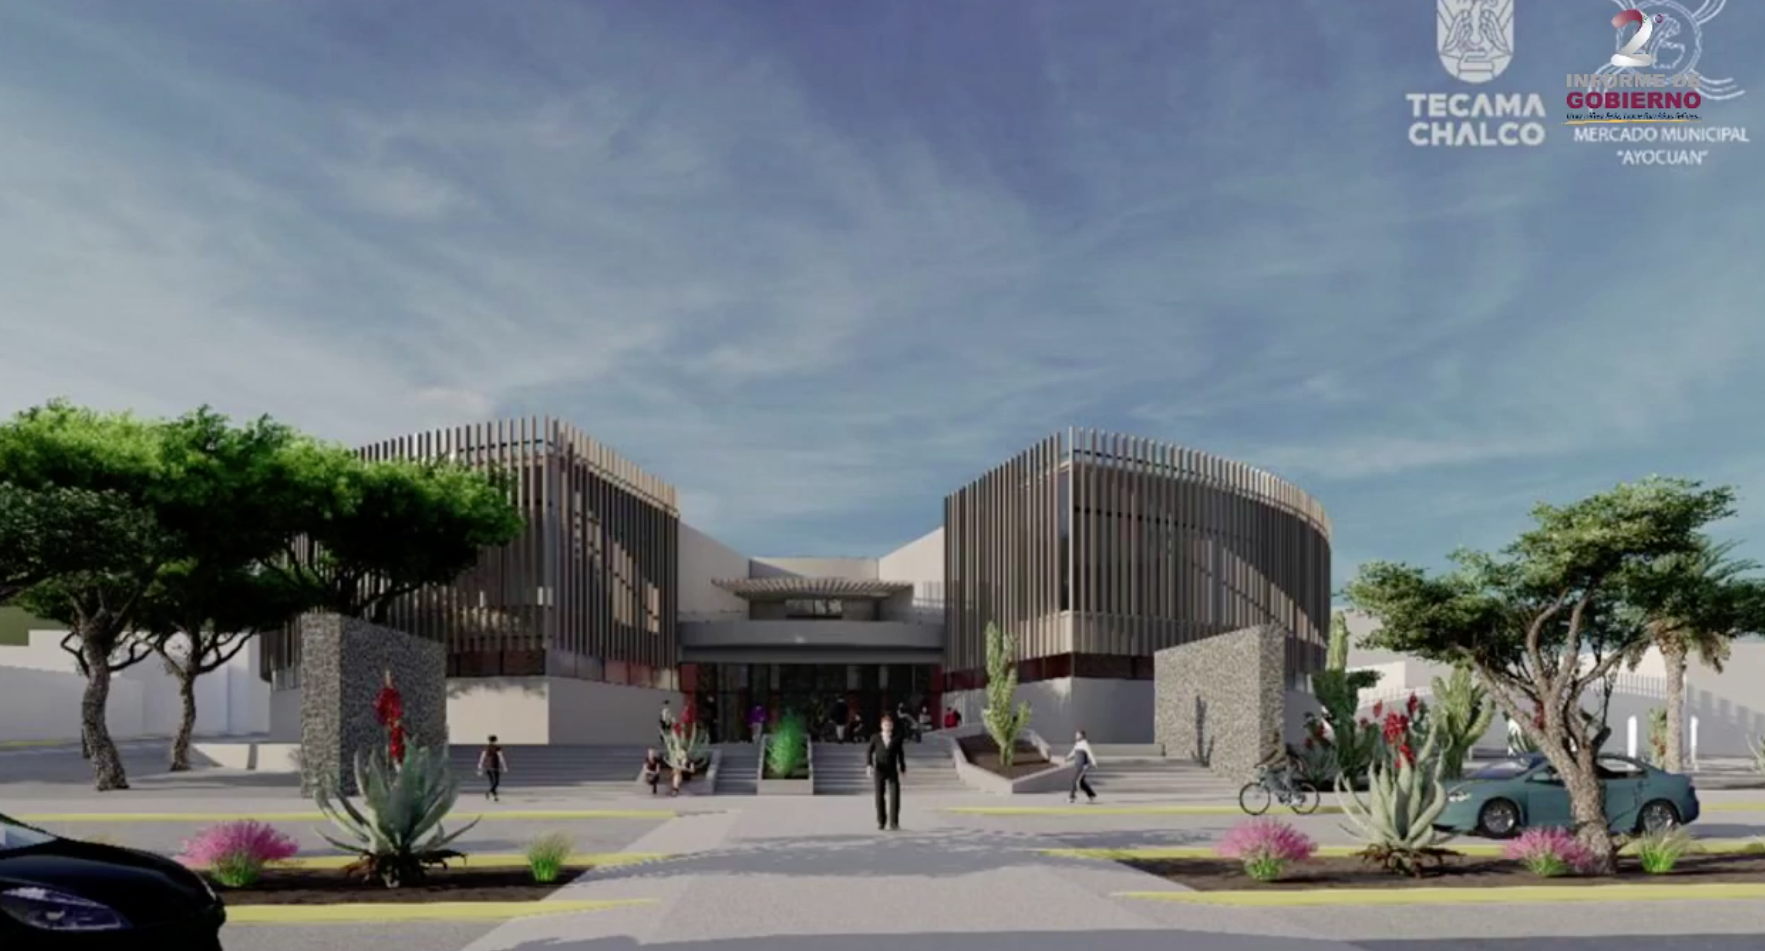 Estado y municipio construirán un mercado en Tecamachalco